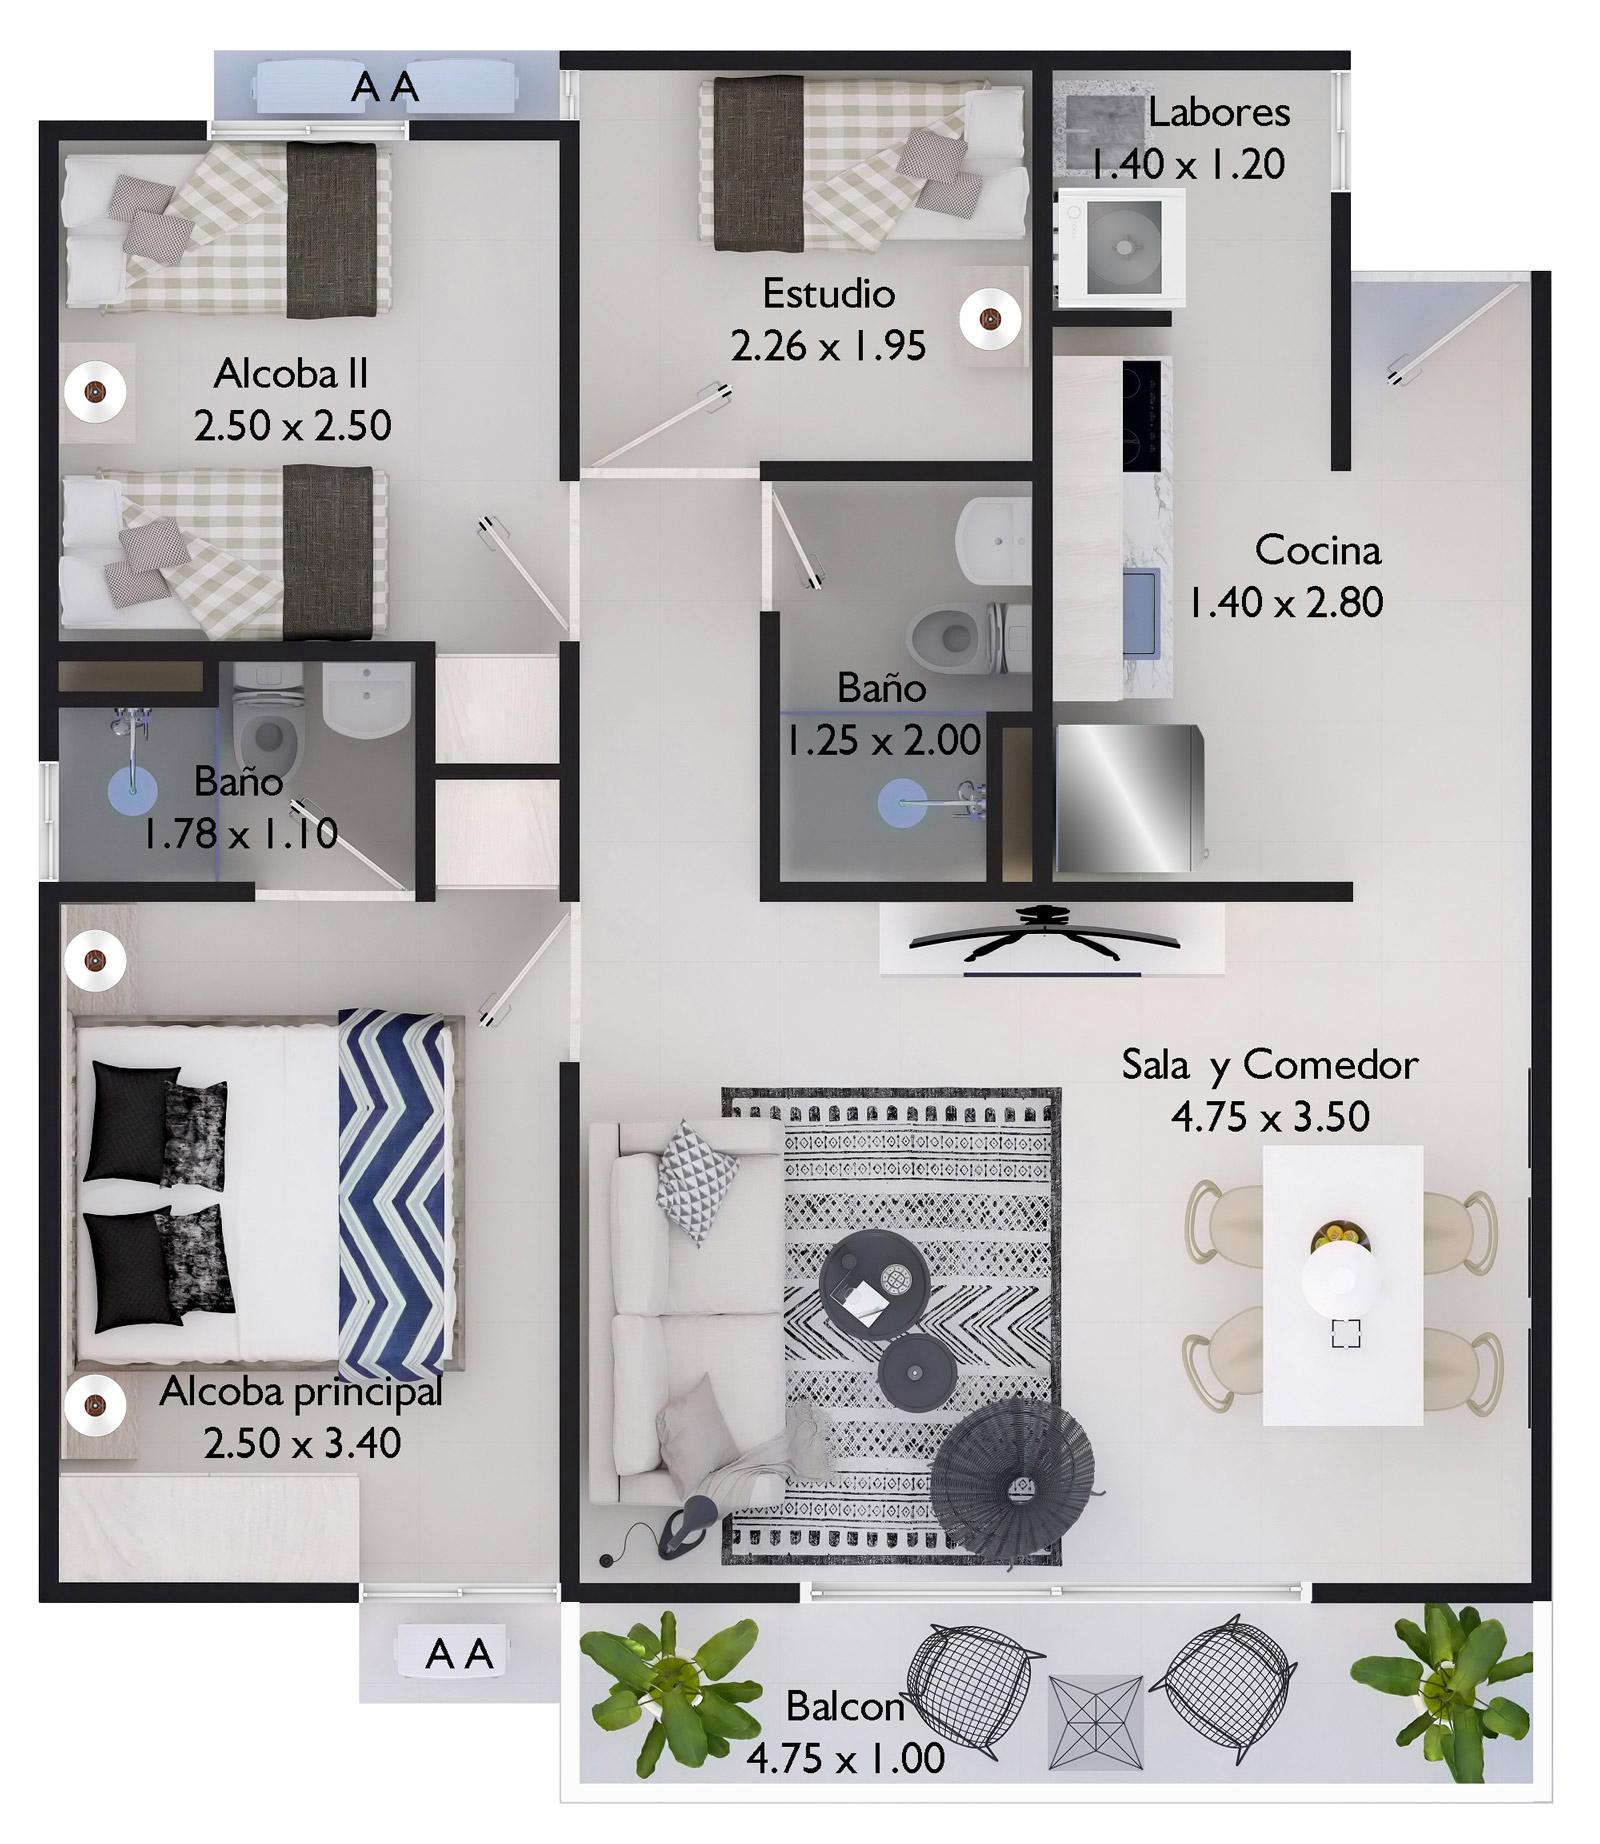 planos carolina del mar iii apartamentos en cartagena tu casa proyectos